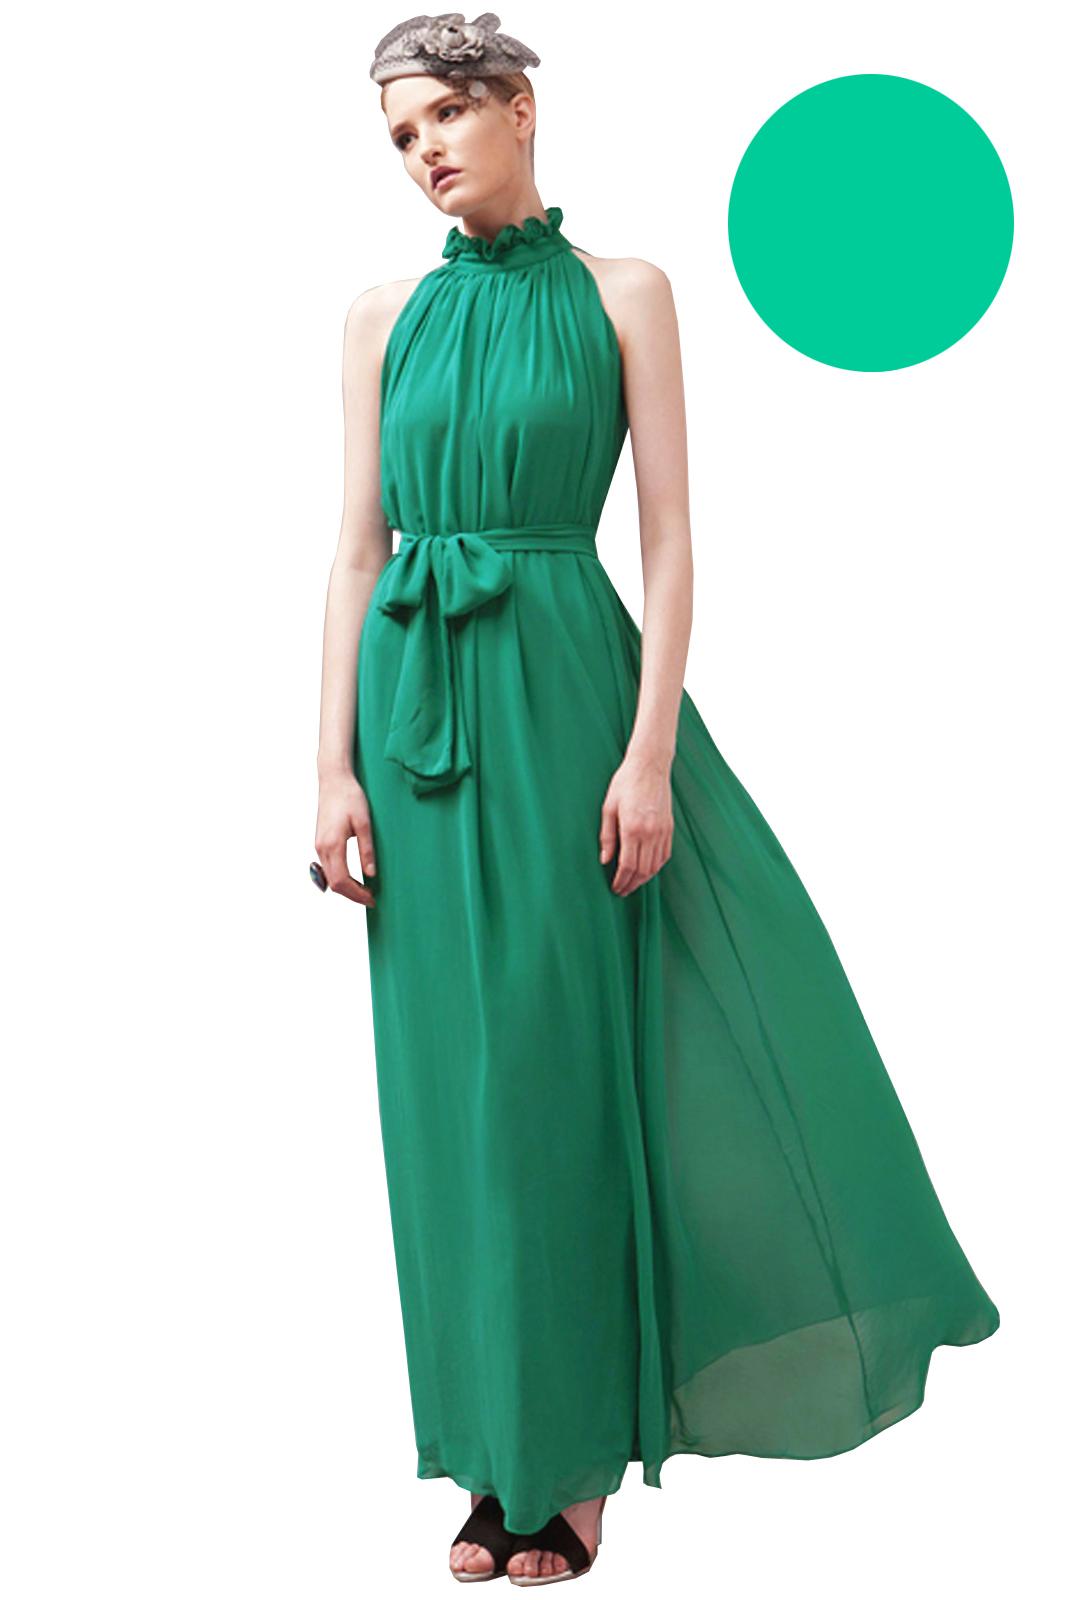 c136e1982ab Дълга разкроена рокля цвят тюркоазено зелено | Dressmania.bg